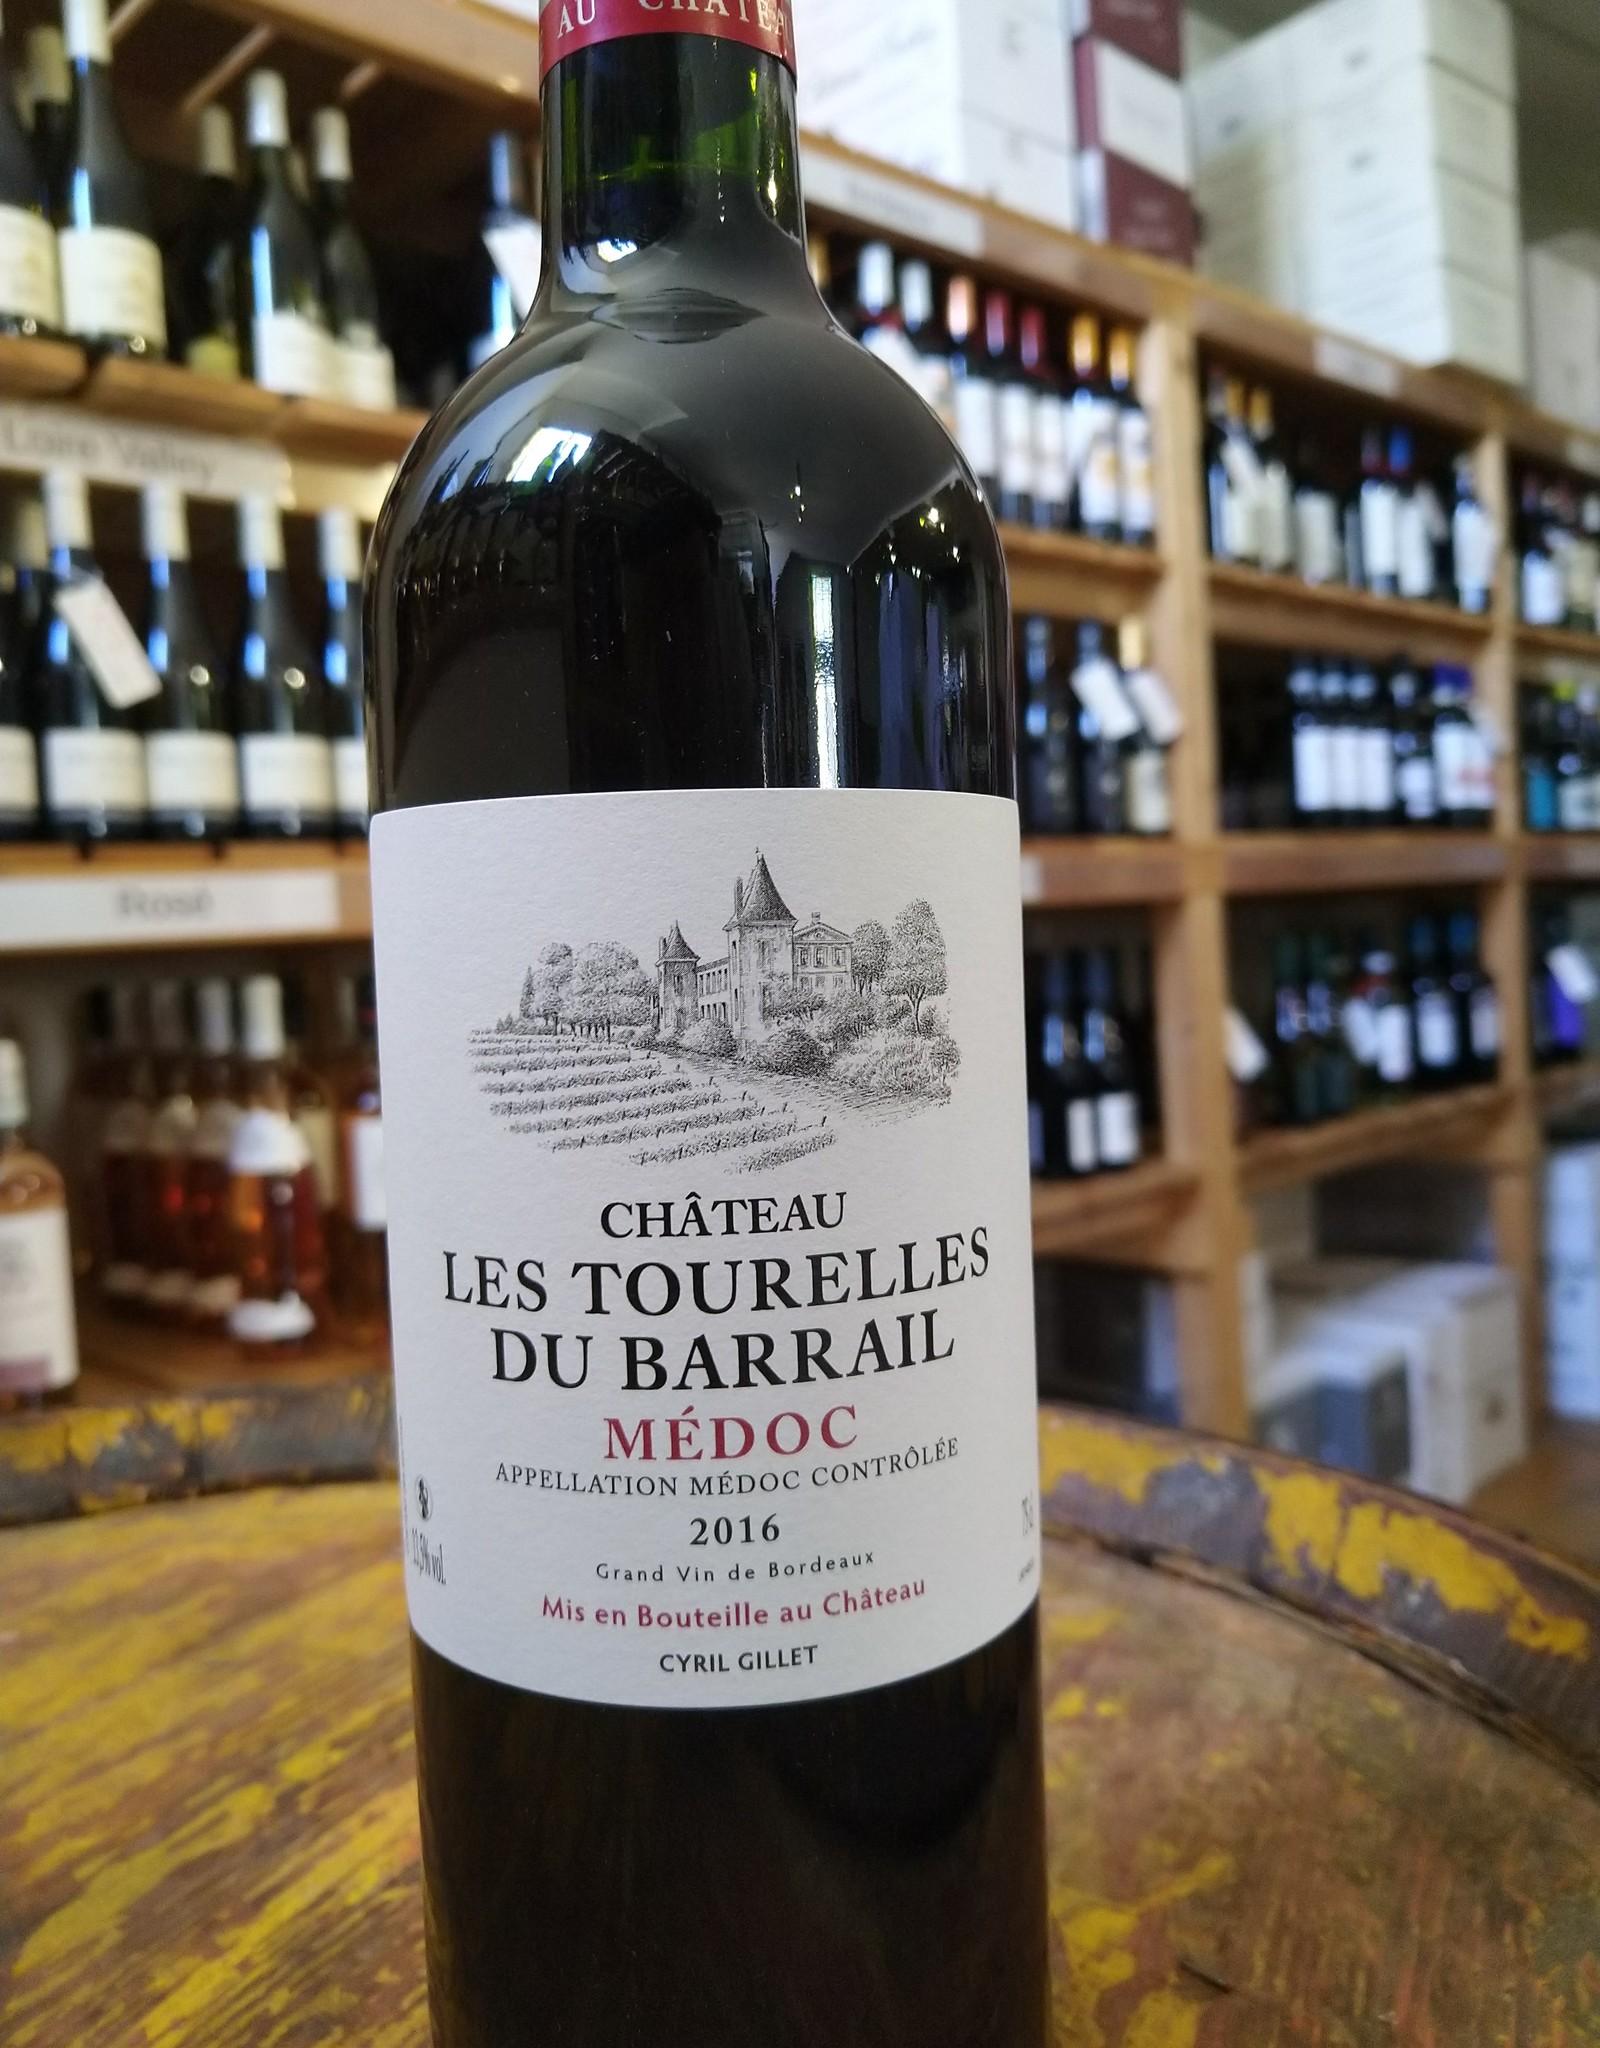 2016 Chateau Les Tourelles du Barrail Medoc